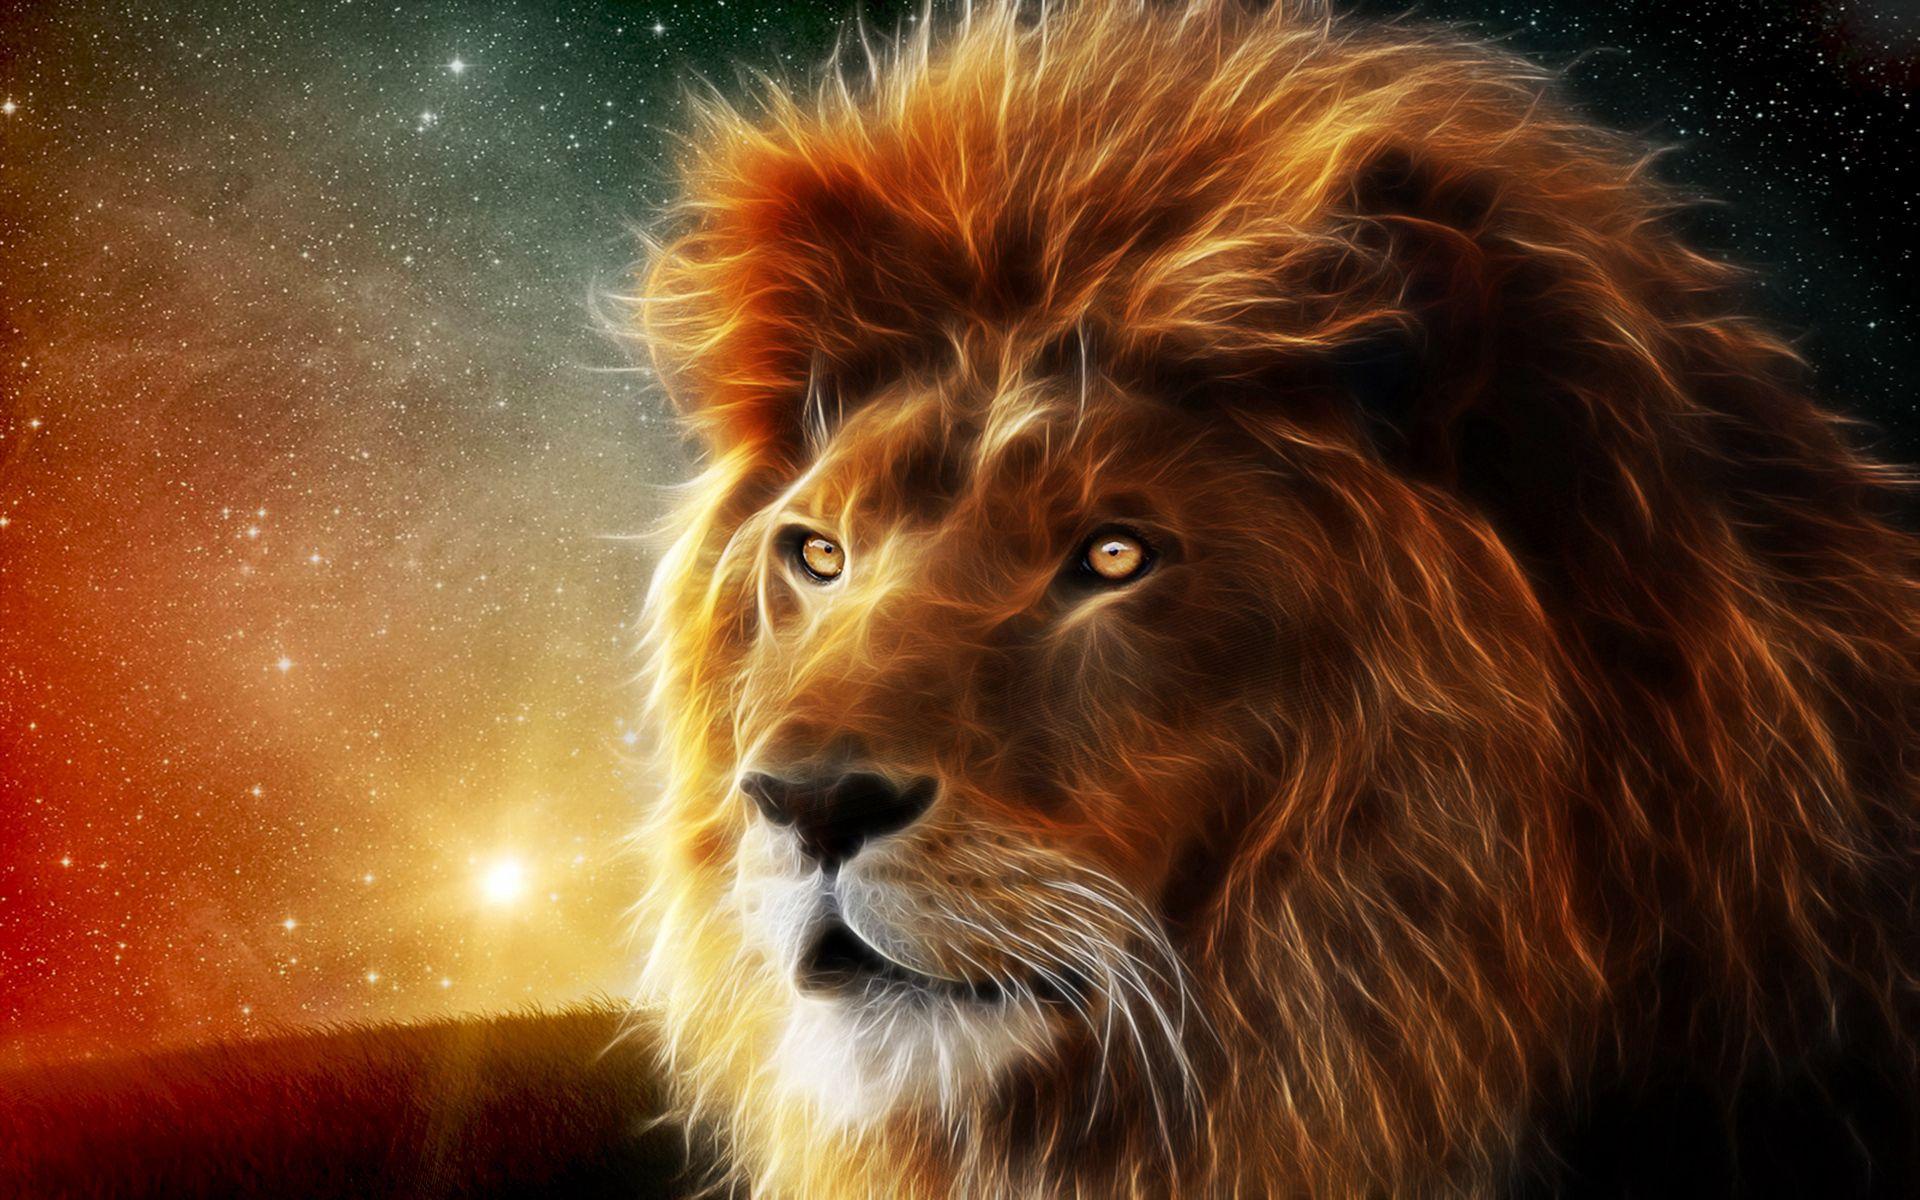 114839 Hintergrundbild herunterladen Abstrakt, Schnauze, Ein Löwe, Löwe, Mähne, König Der Bestien - Bildschirmschoner und Bilder kostenlos